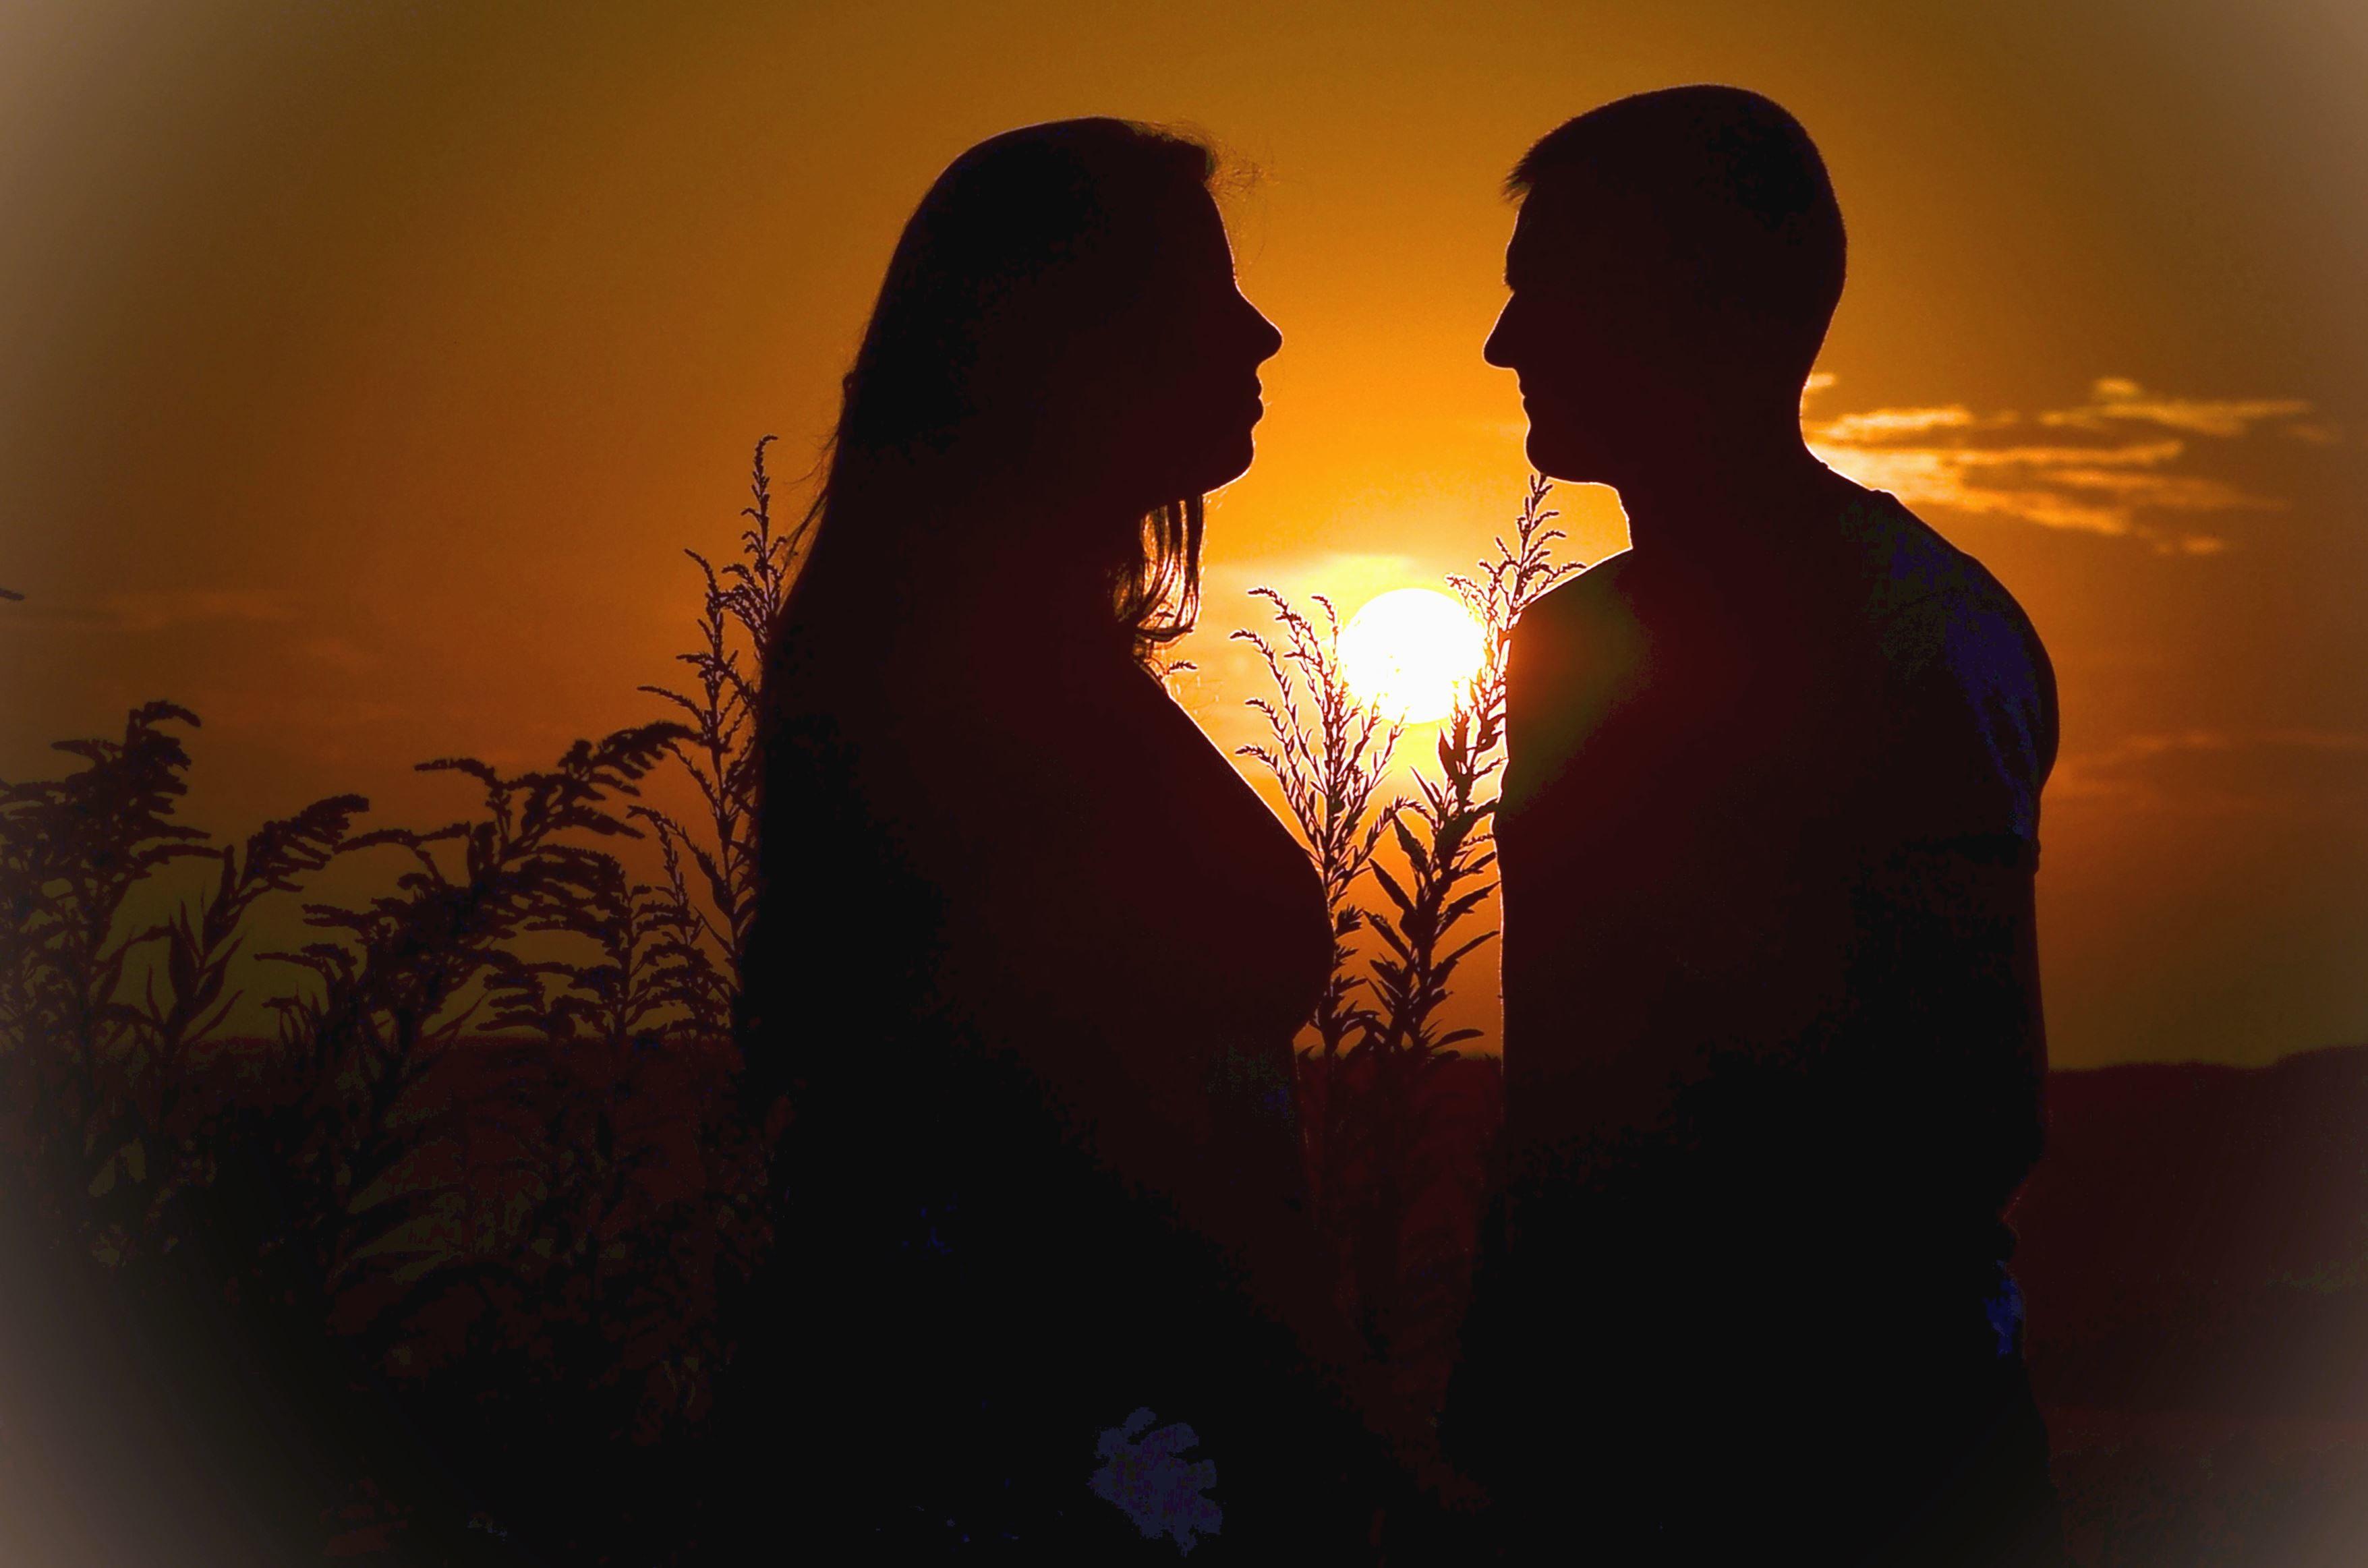 Silueta Hombre Y Mujer: Imagen Gratis: Hombre, Mujer, Silueta, Planta, Puesta Del